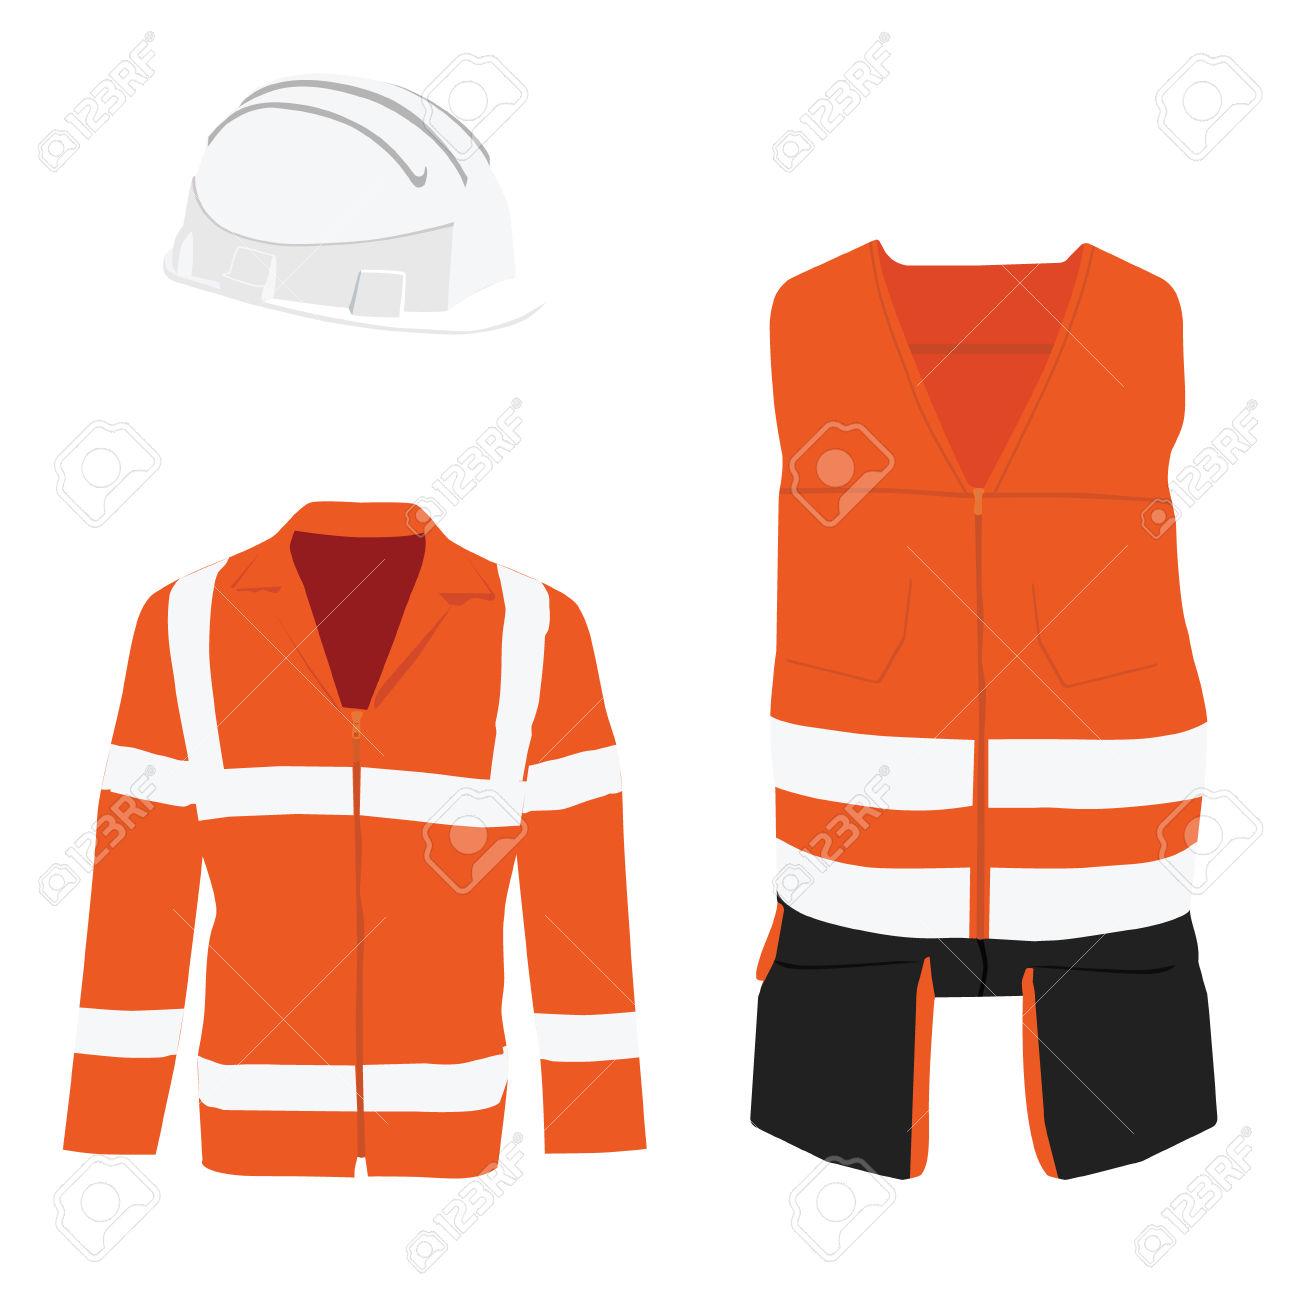 Orange Safety Jacket. Worker Clothing. Safety Clothing. Protective.